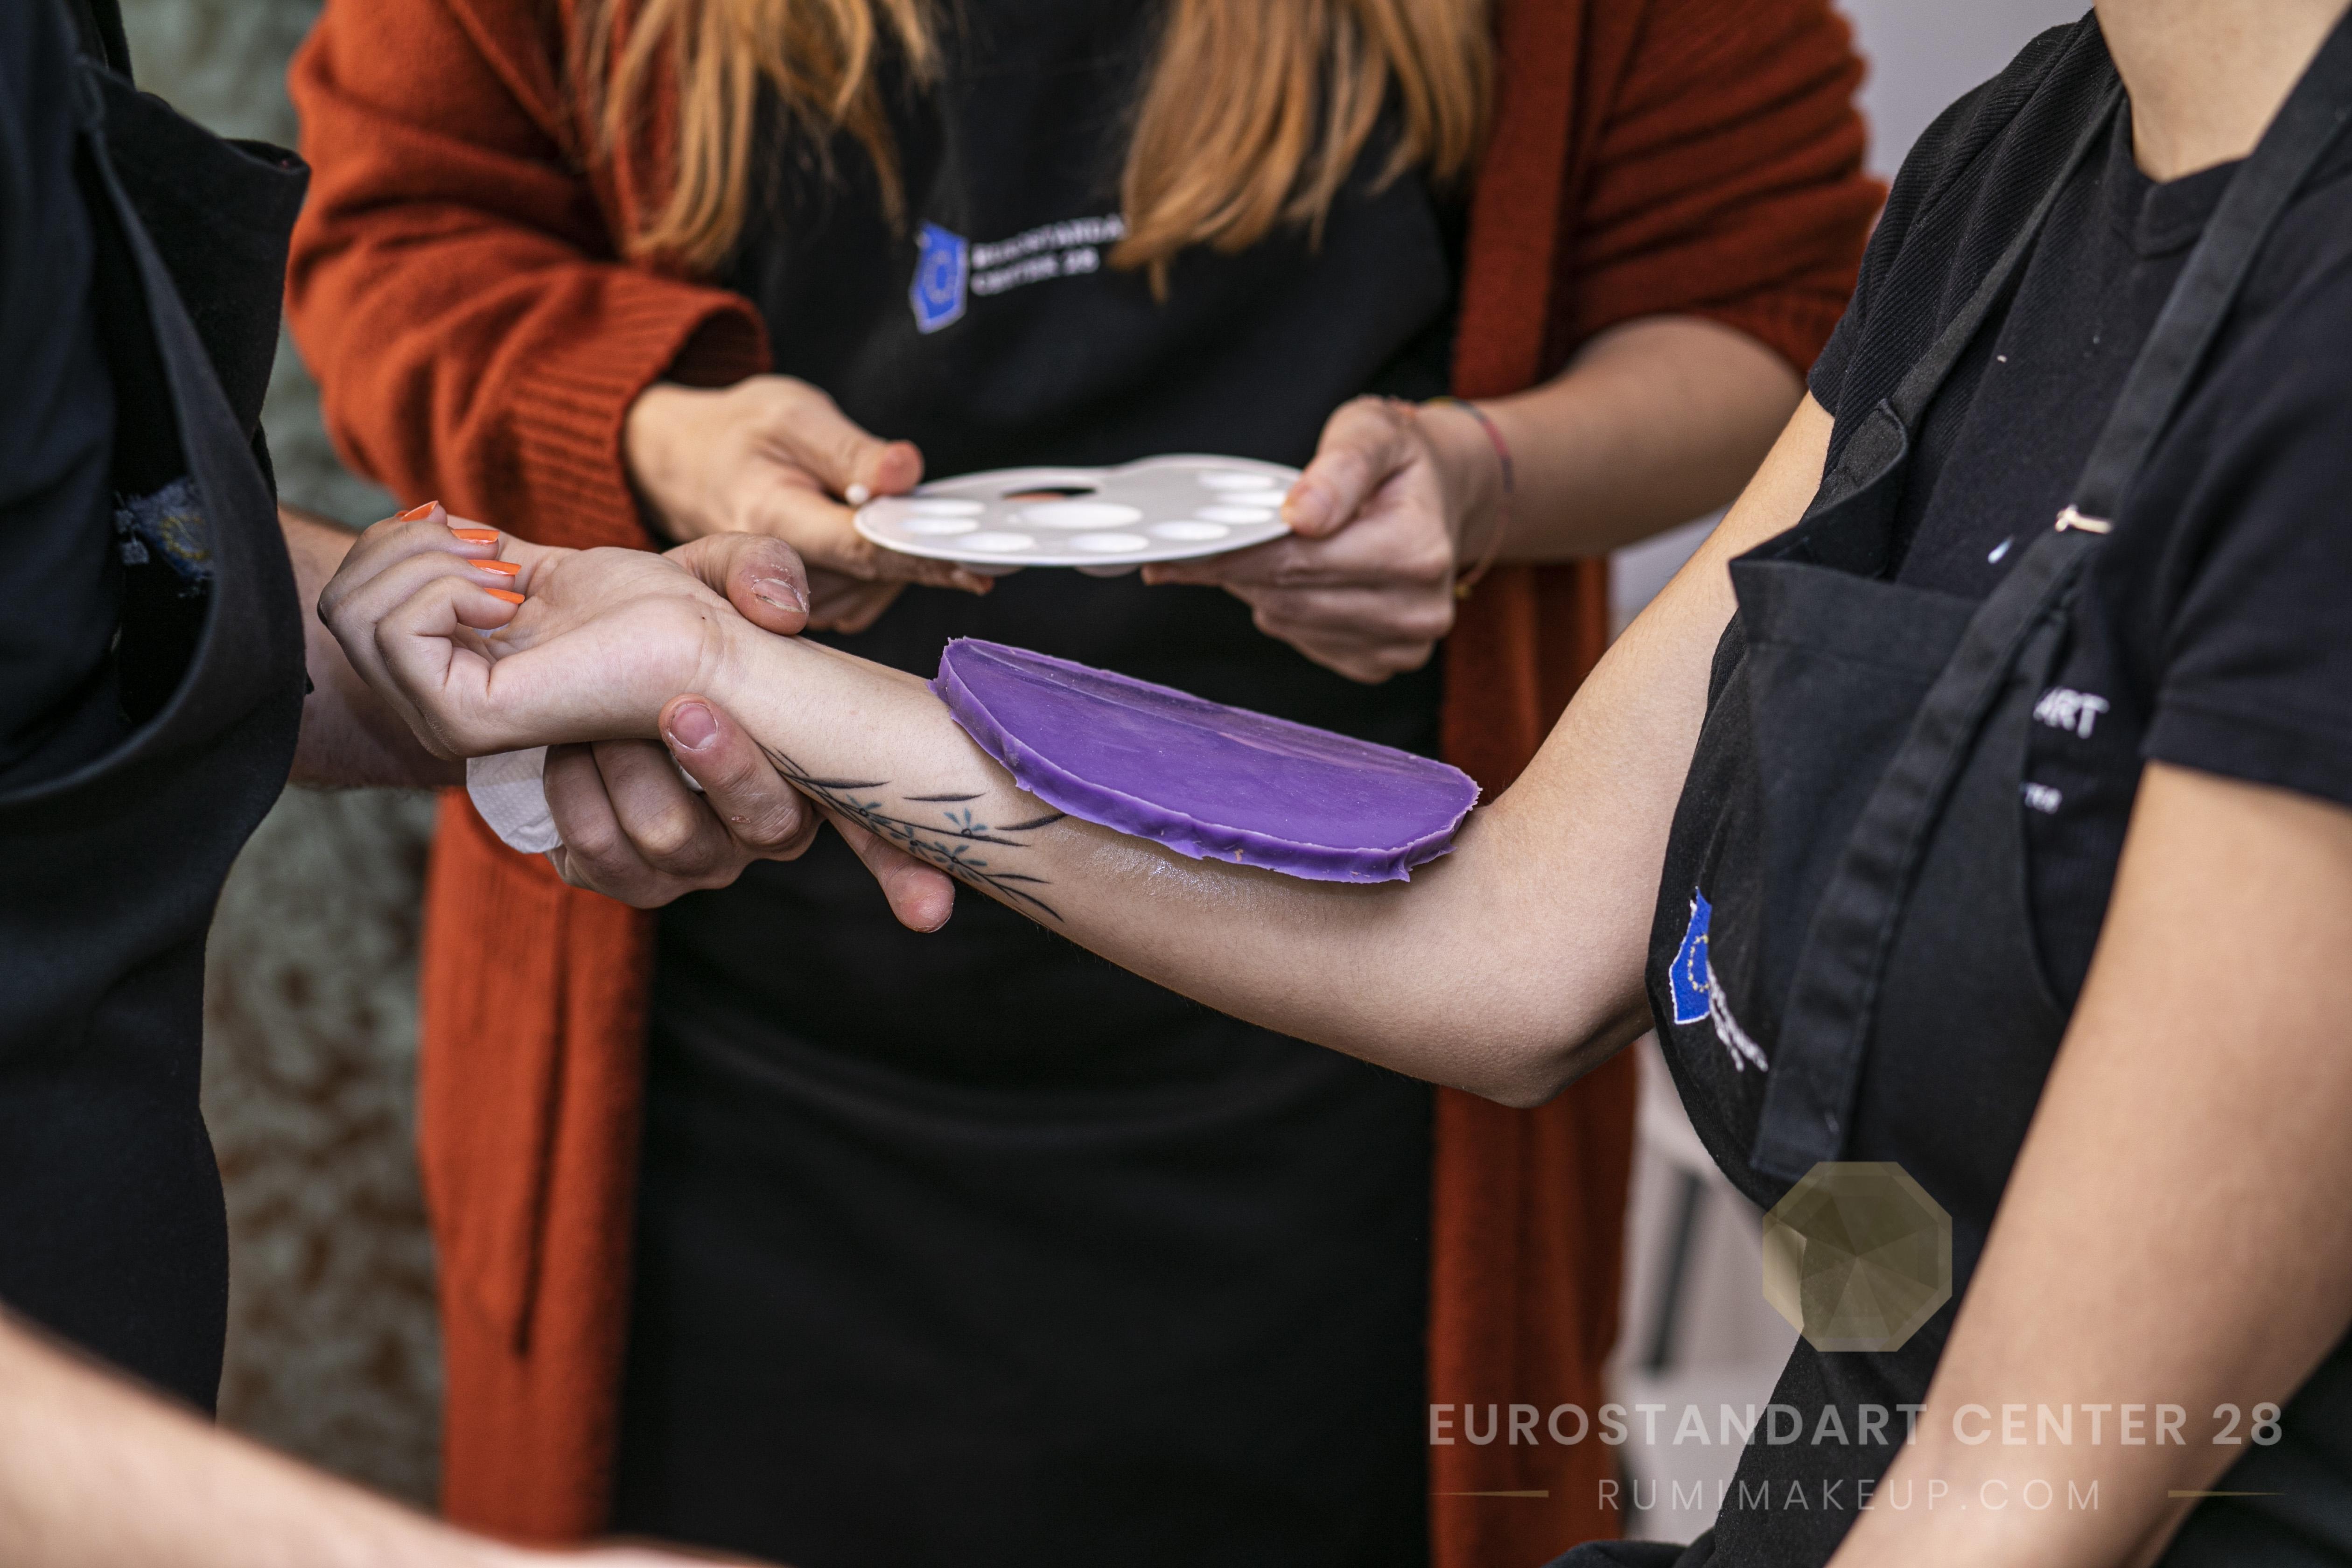 Kurs_po_grim_sfx_eurostandartcenter_4